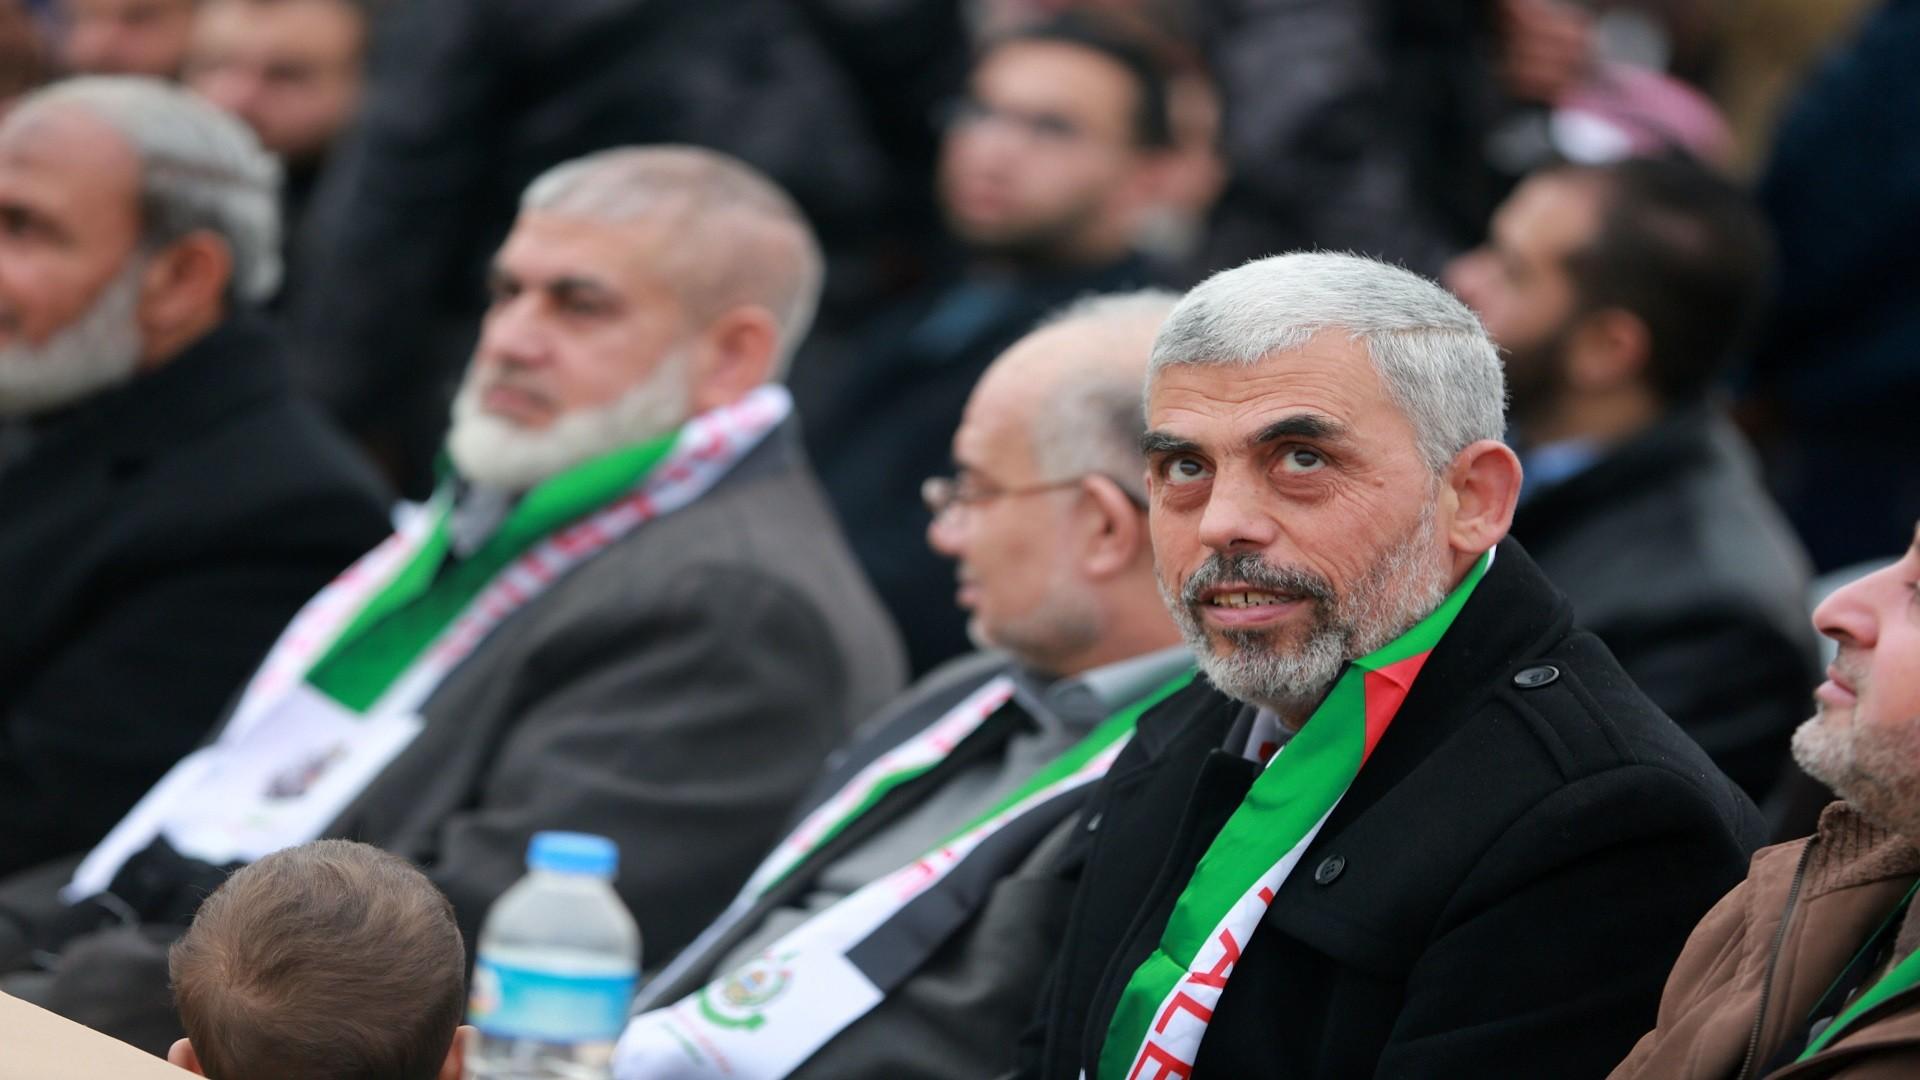 حماس والجهاد تعلنان عدم المشاركة فى اجتماعات المجلس المركزى الفلسطينى